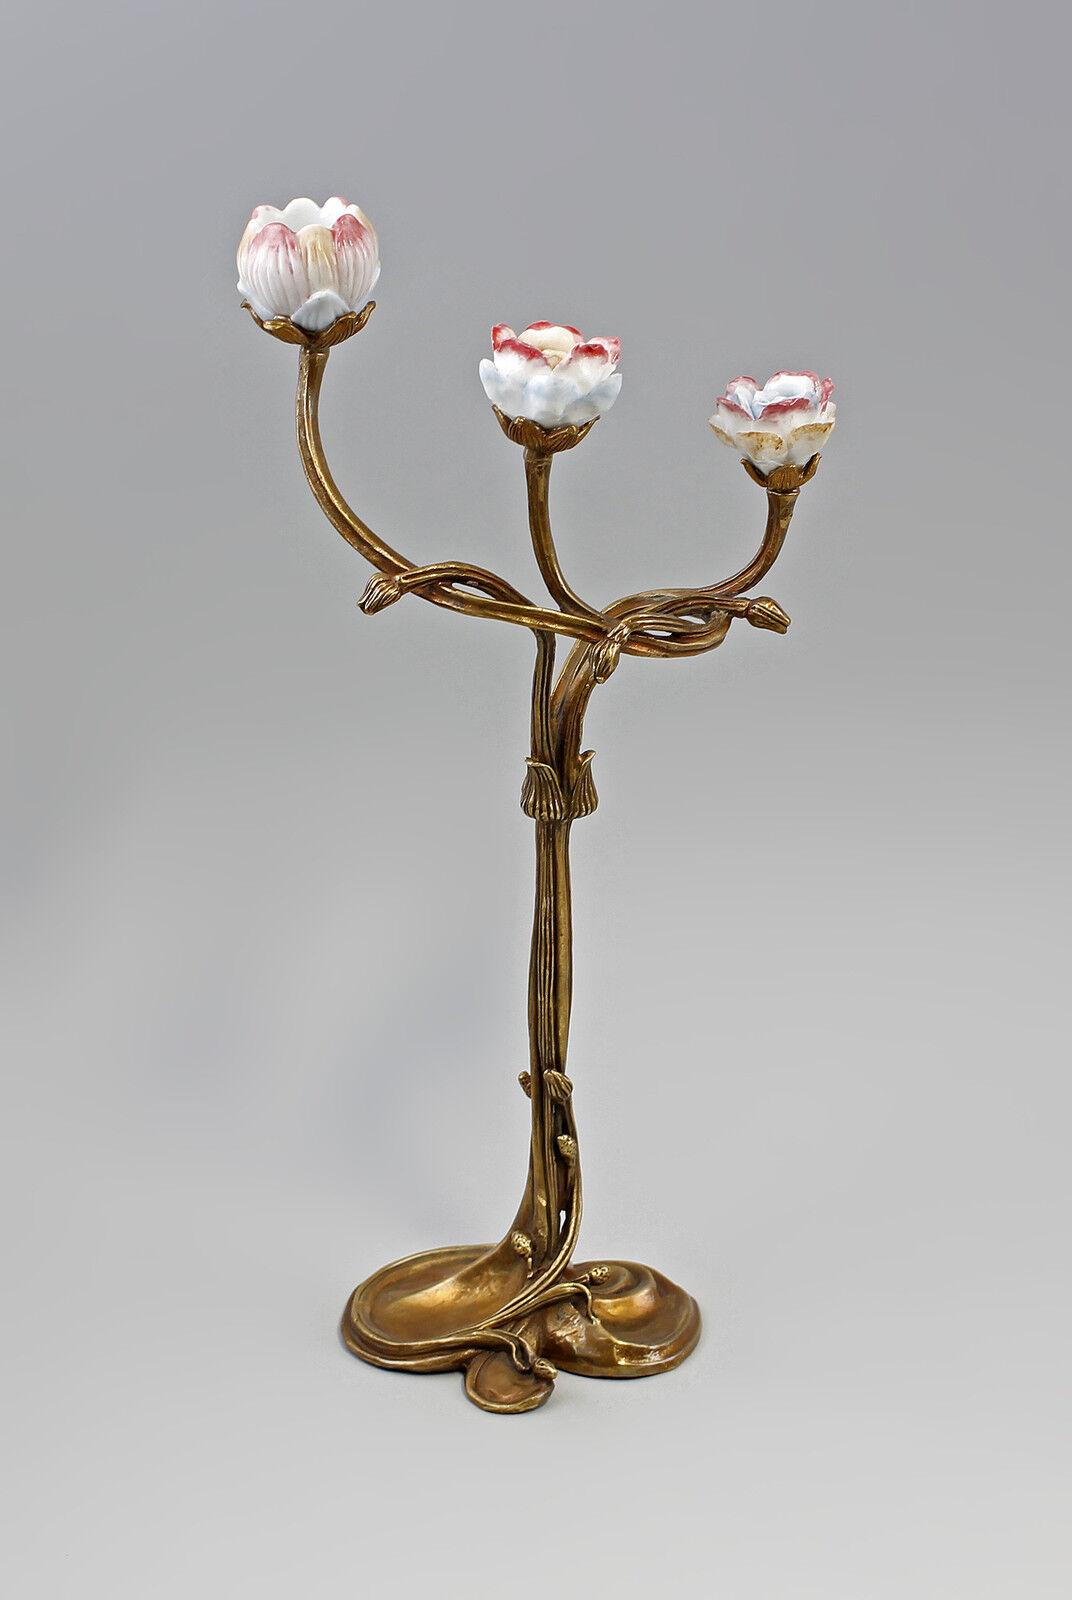 Floraler Kerzenhalter mit Blütenbelag Keramik Bronze 9937463-dss    Bekannt für seine schöne Qualität